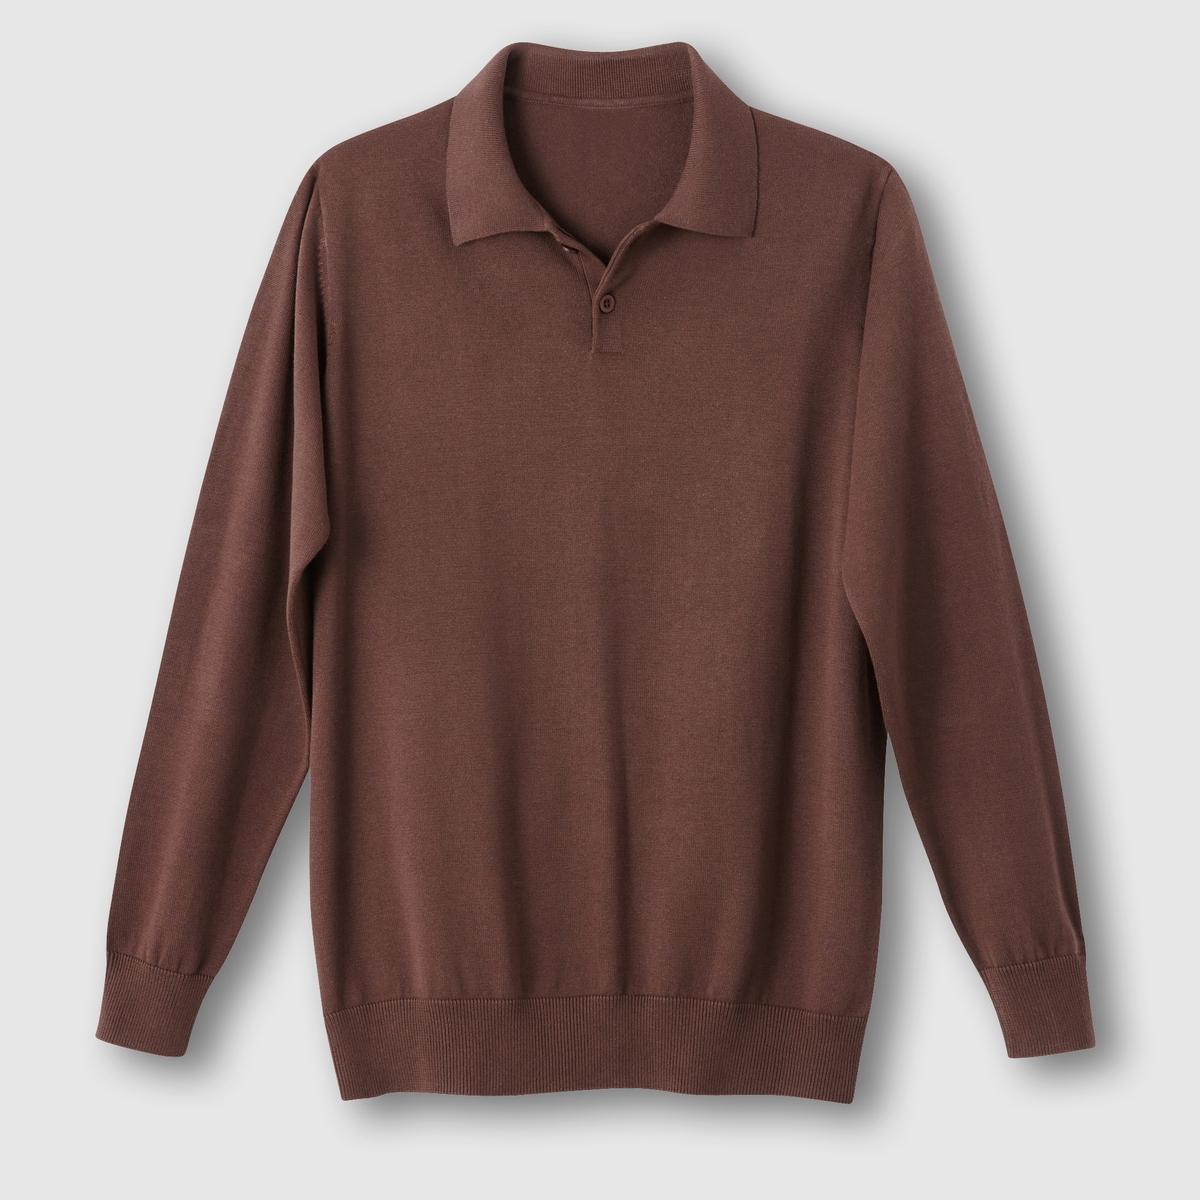 Пуловер с воротником полоПуловер с воротником поло. Длинные рукава. Контрастные нашивки на локтях.Края низа и рукавов связаны резинкой. Трикотаж мелкой вязки, 100% хлопка. Длина: 73 см.<br><br>Цвет: шоколадный